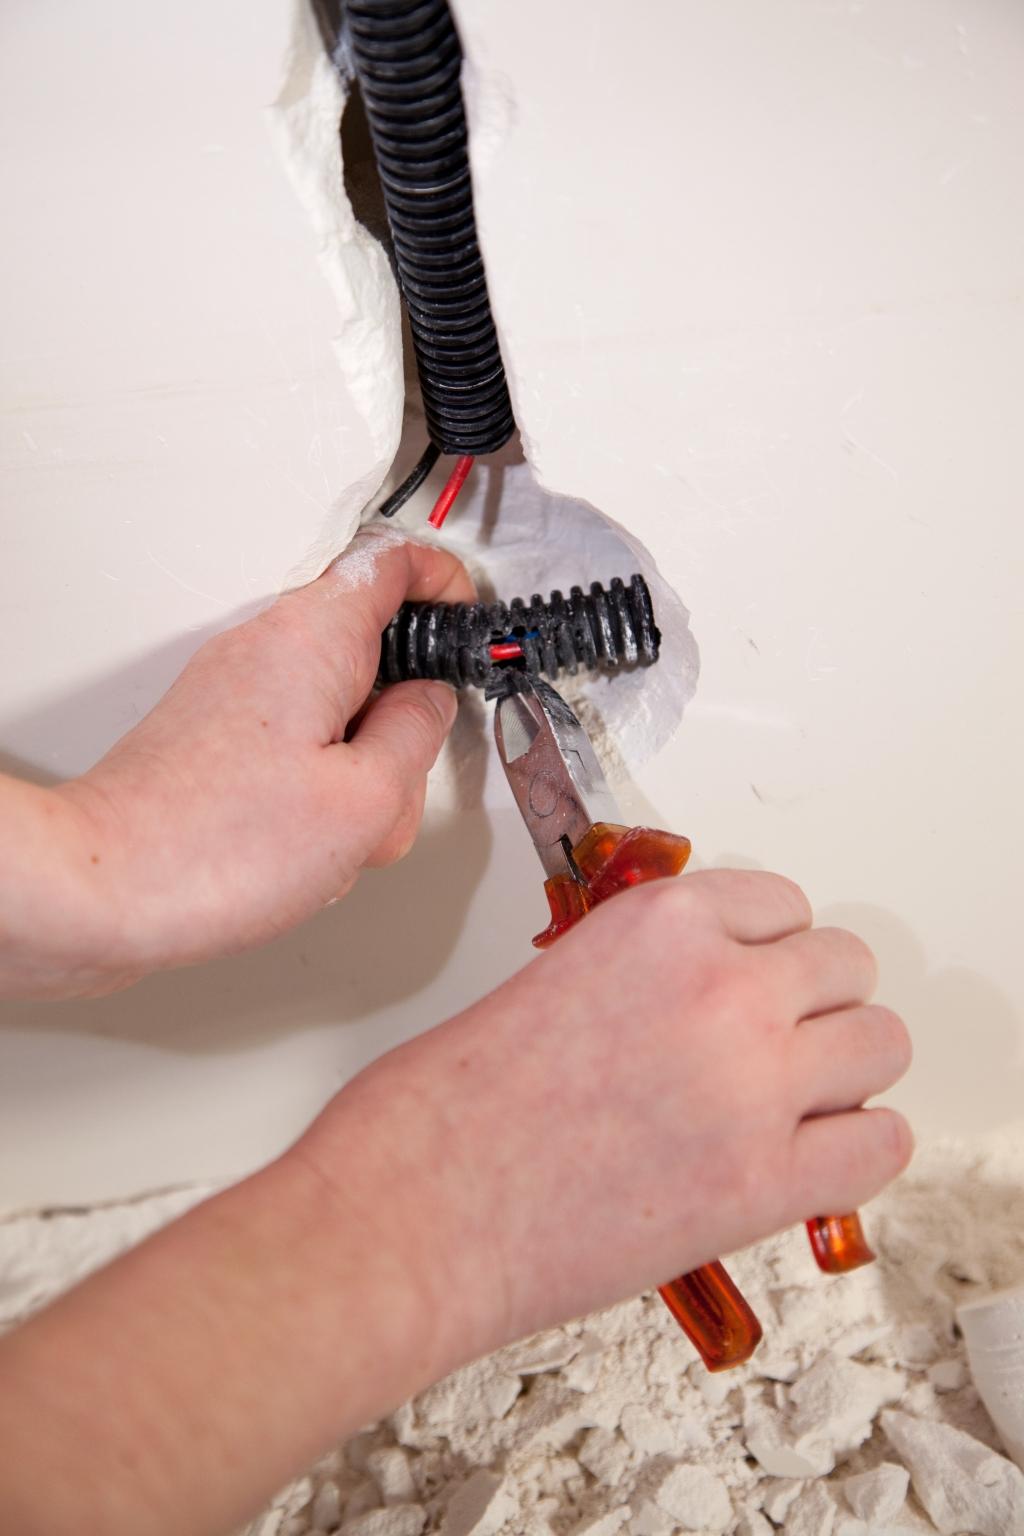 Installer un interrupteur encastré - Étape 14